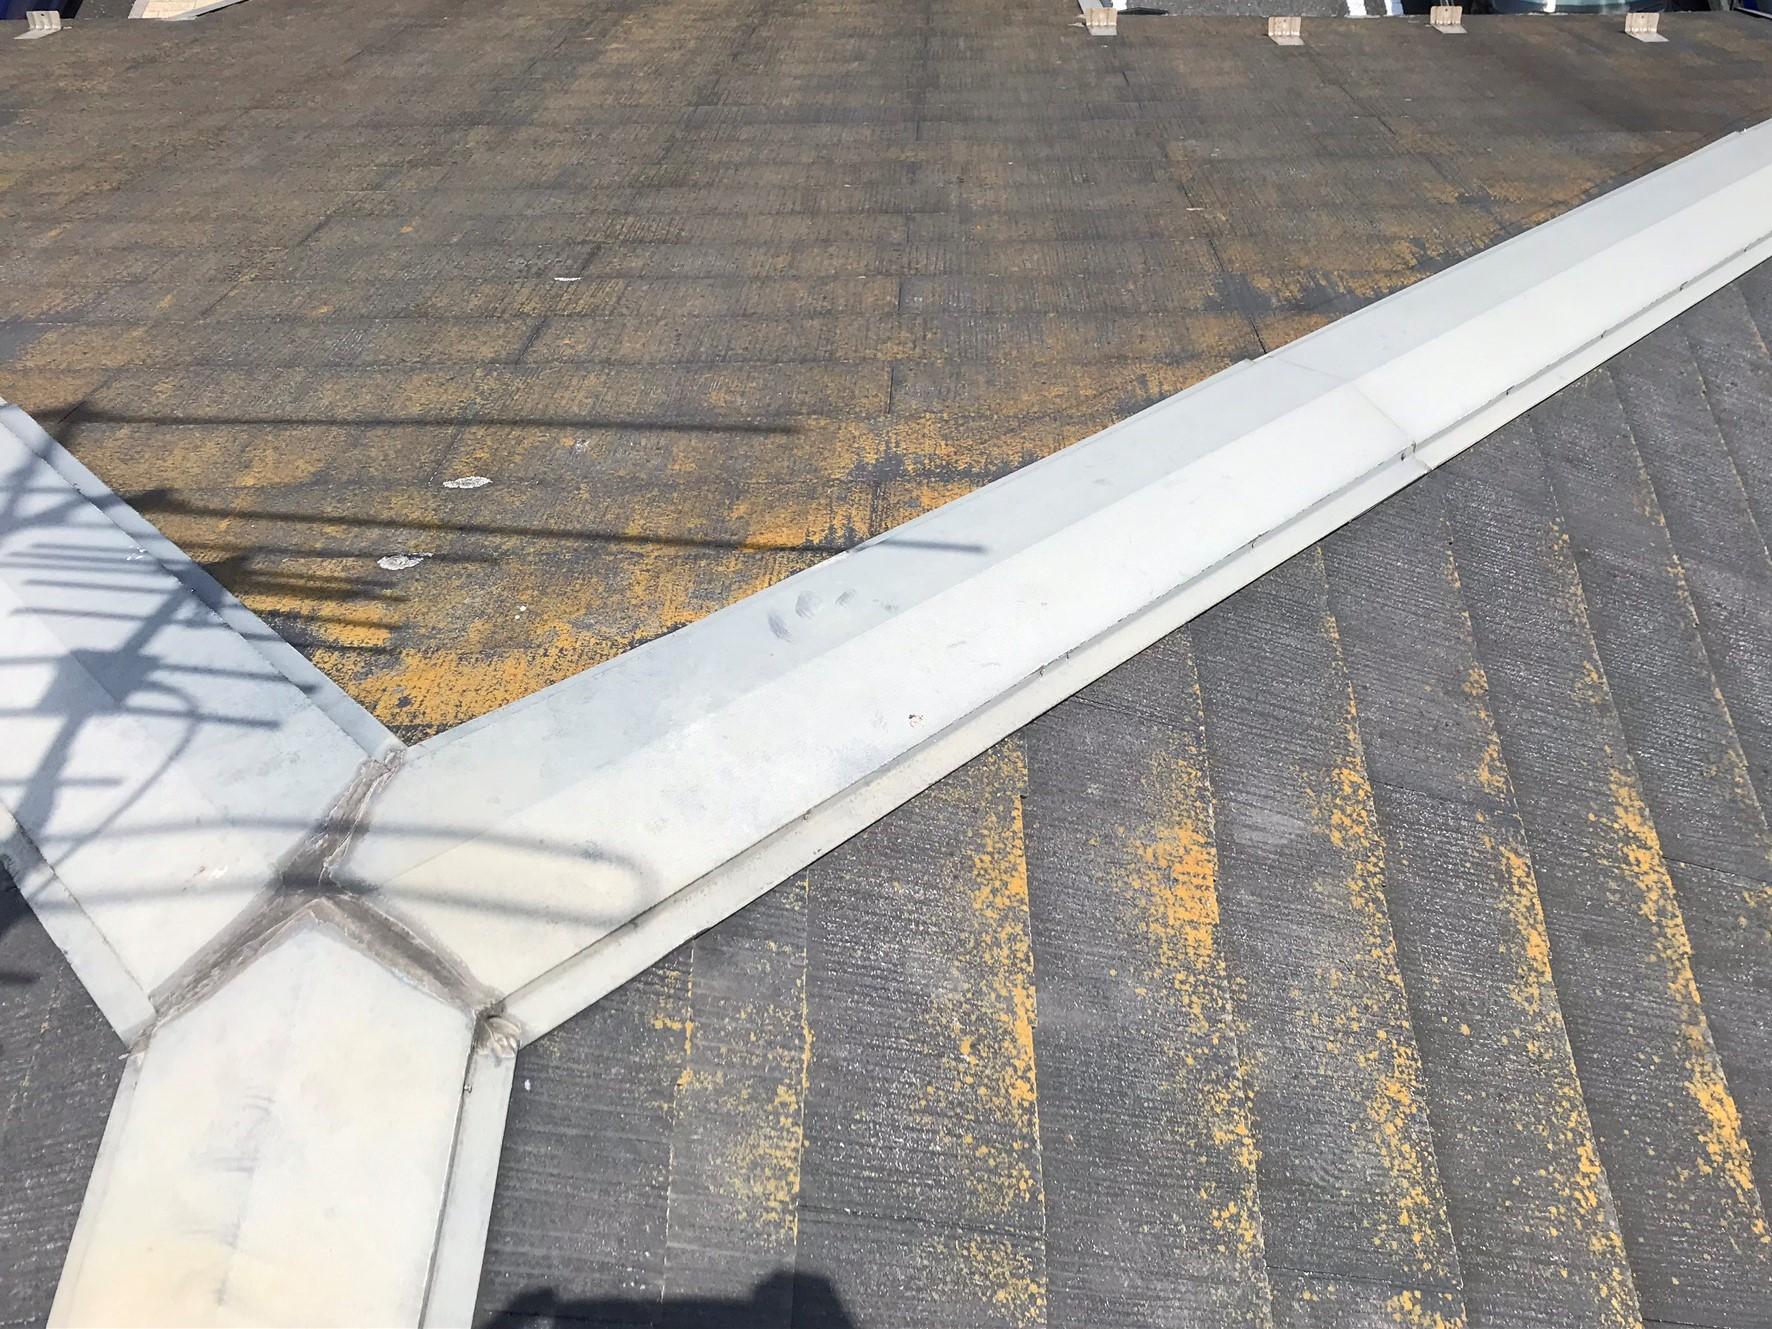 上尾市のスレート屋根無料点検北側屋根劣化で苔カビ